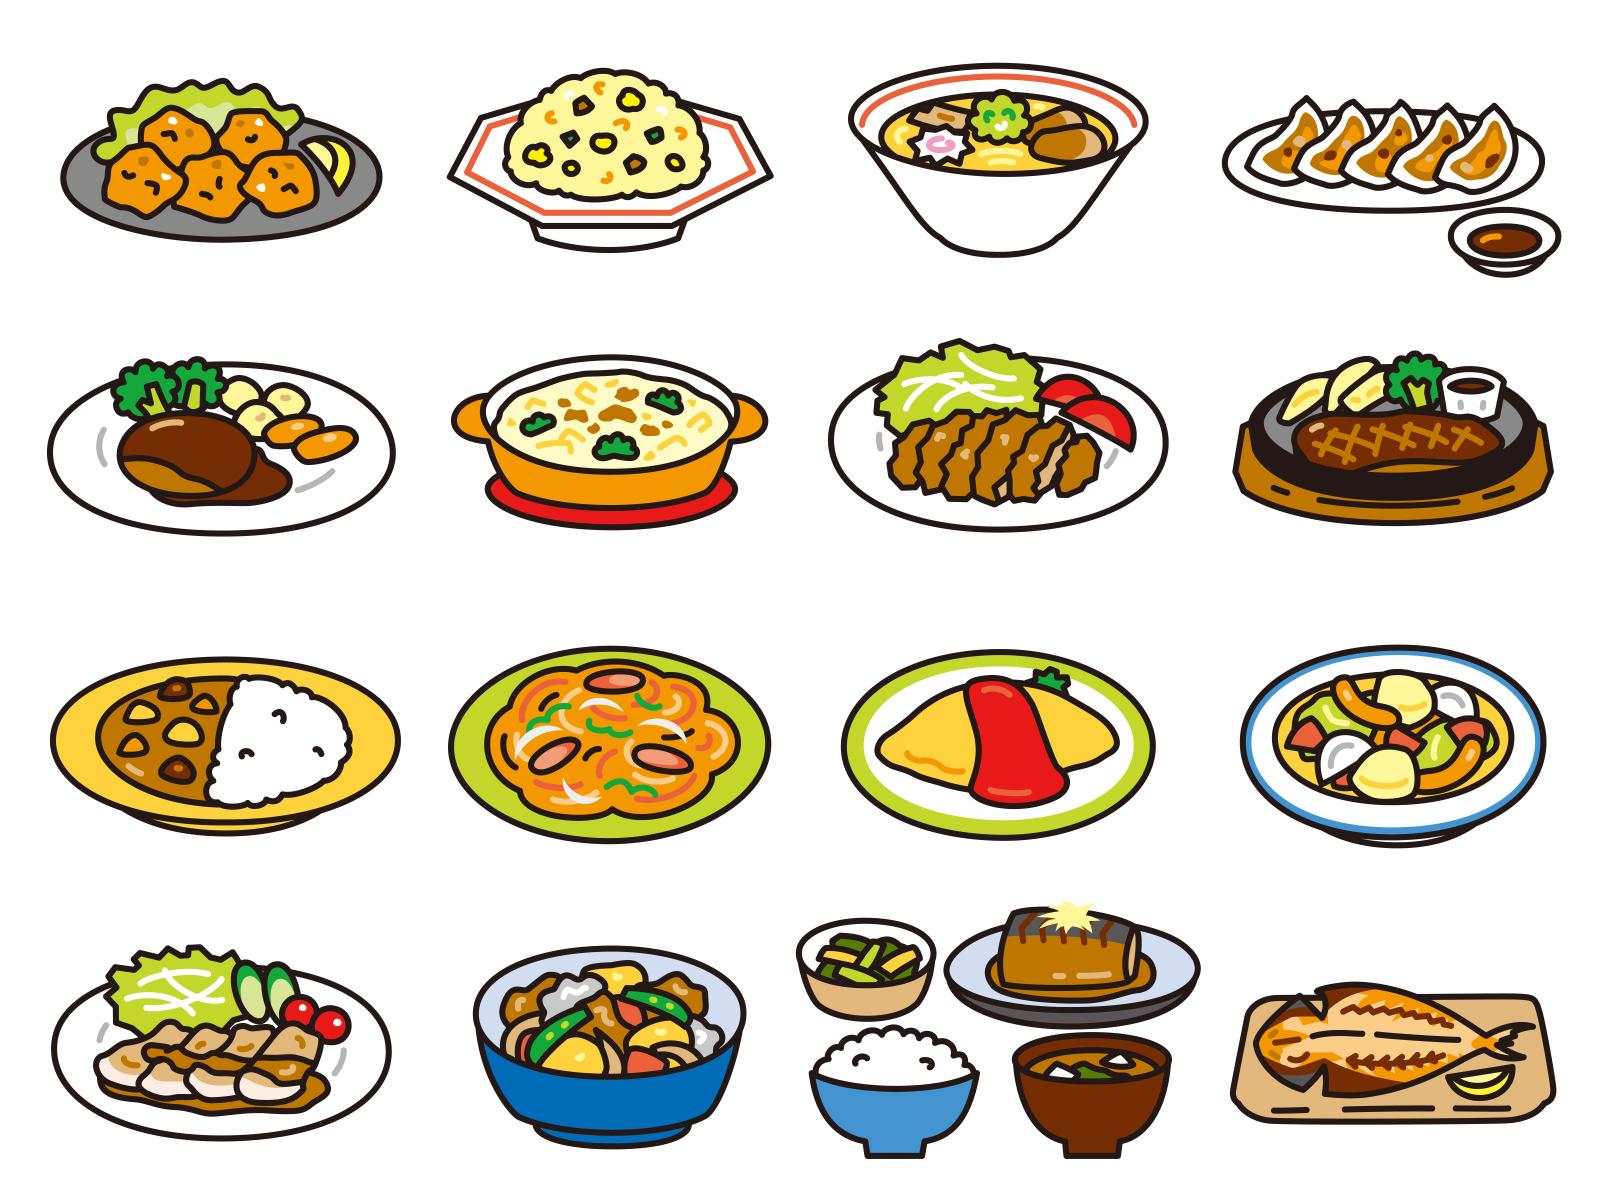 【食べ物並び替えクイズ全30問】簡単&難問!!高齢者向けのおすすめ問題を紹介!